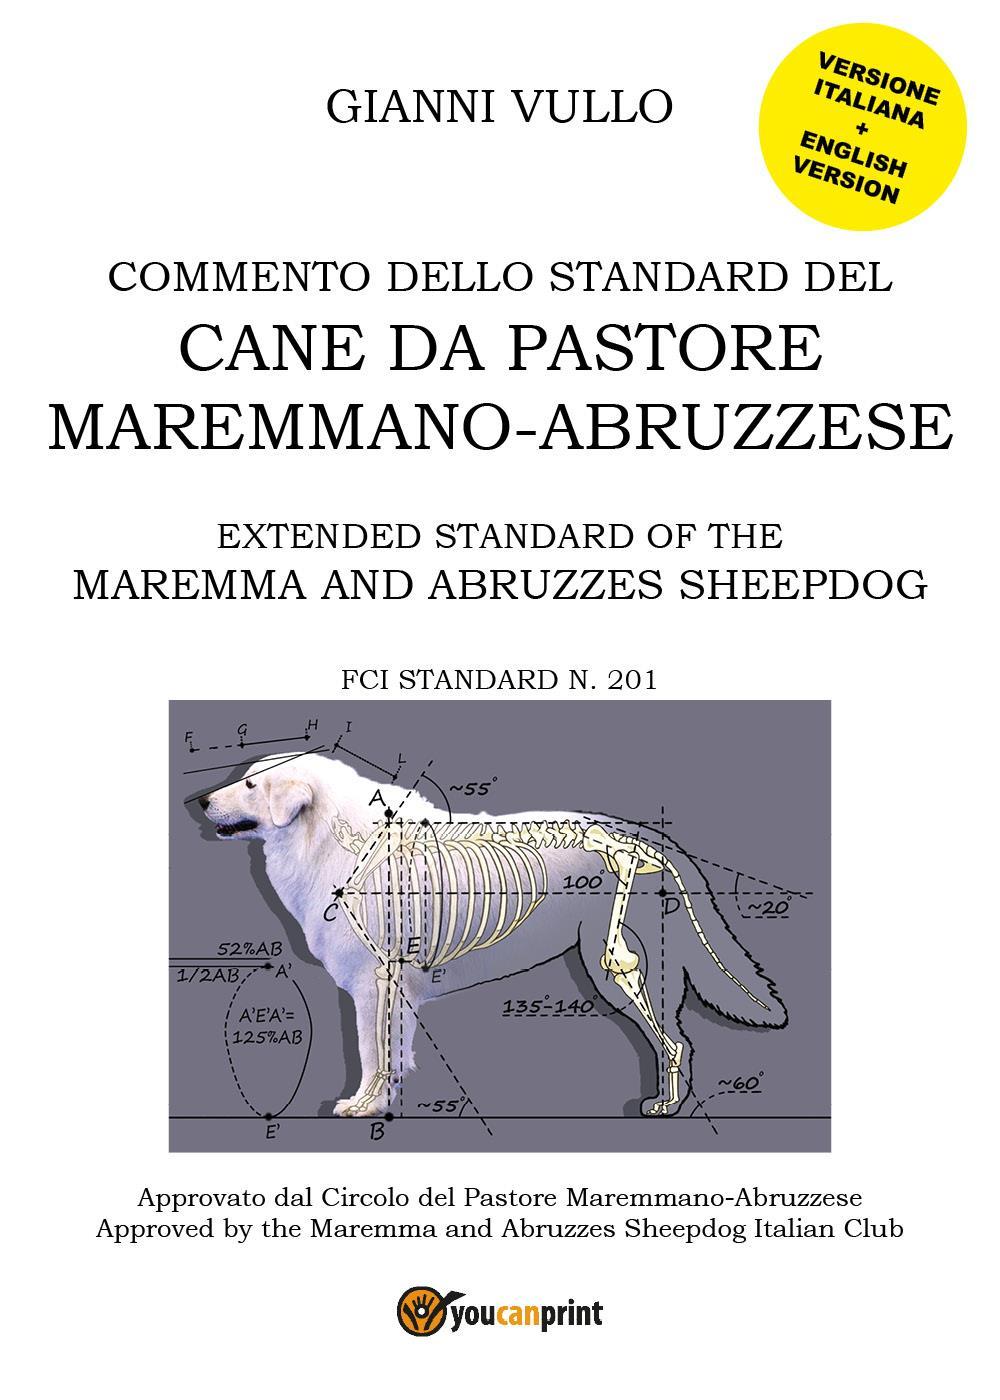 Commento dello Standard del cane da Pastore Maremmano-Abruzzese